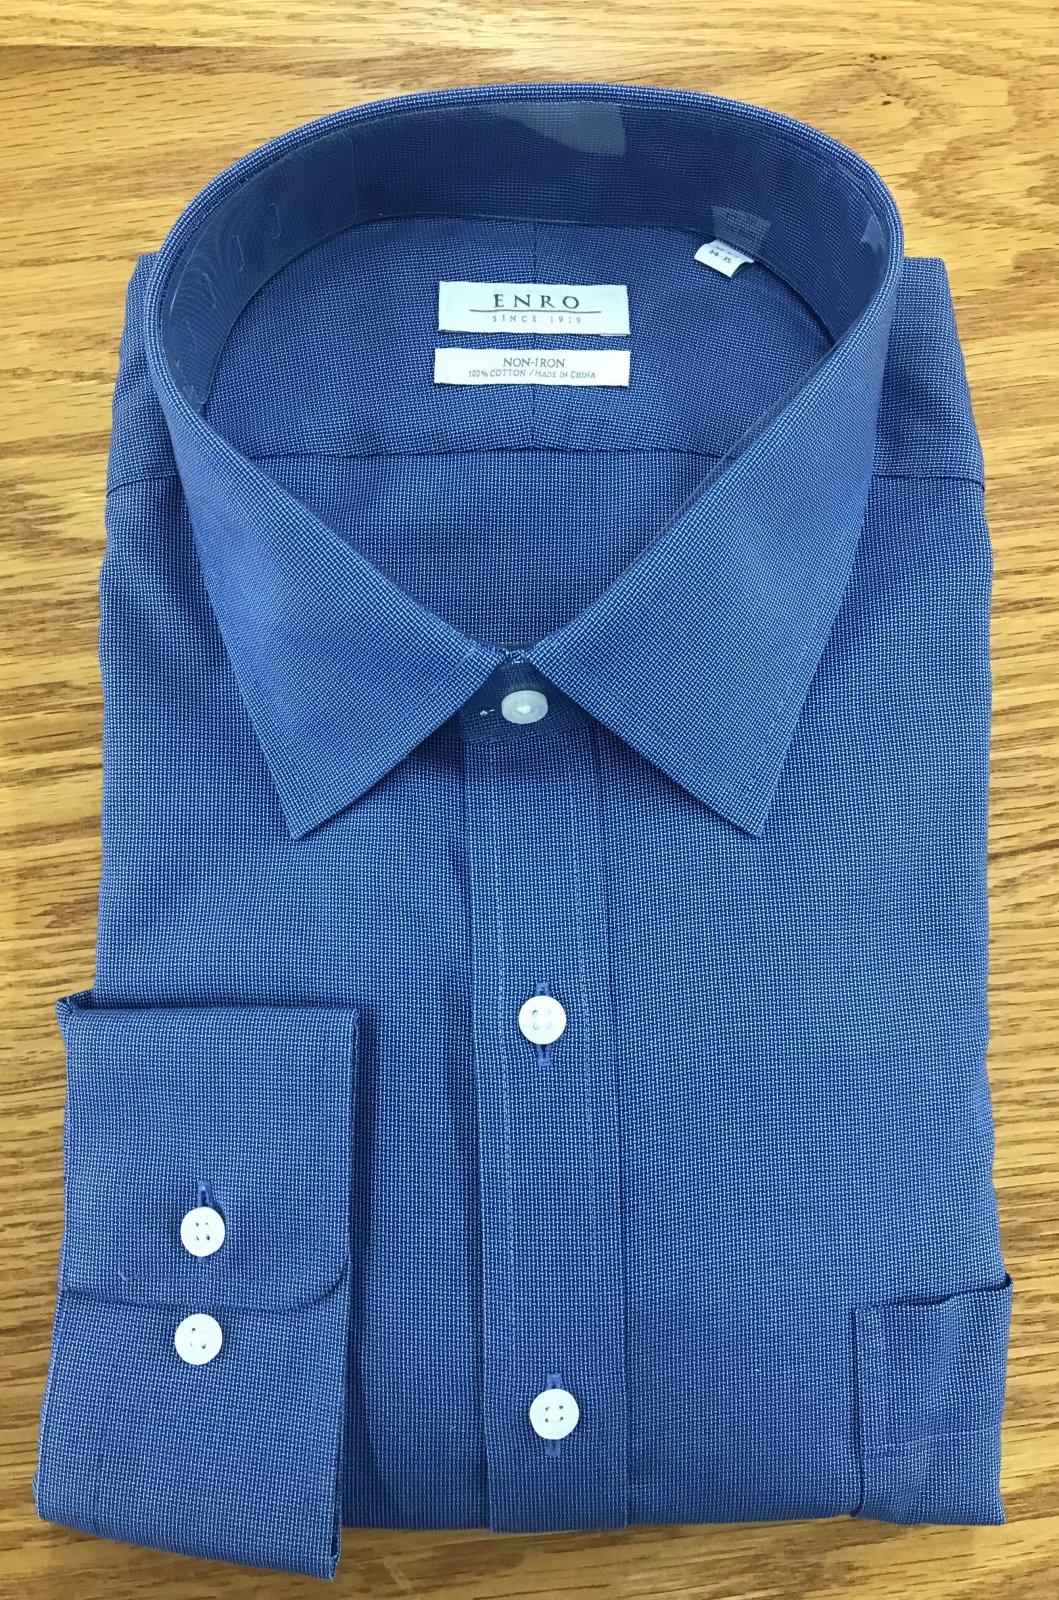 Enro LS Dress Shirt 178413